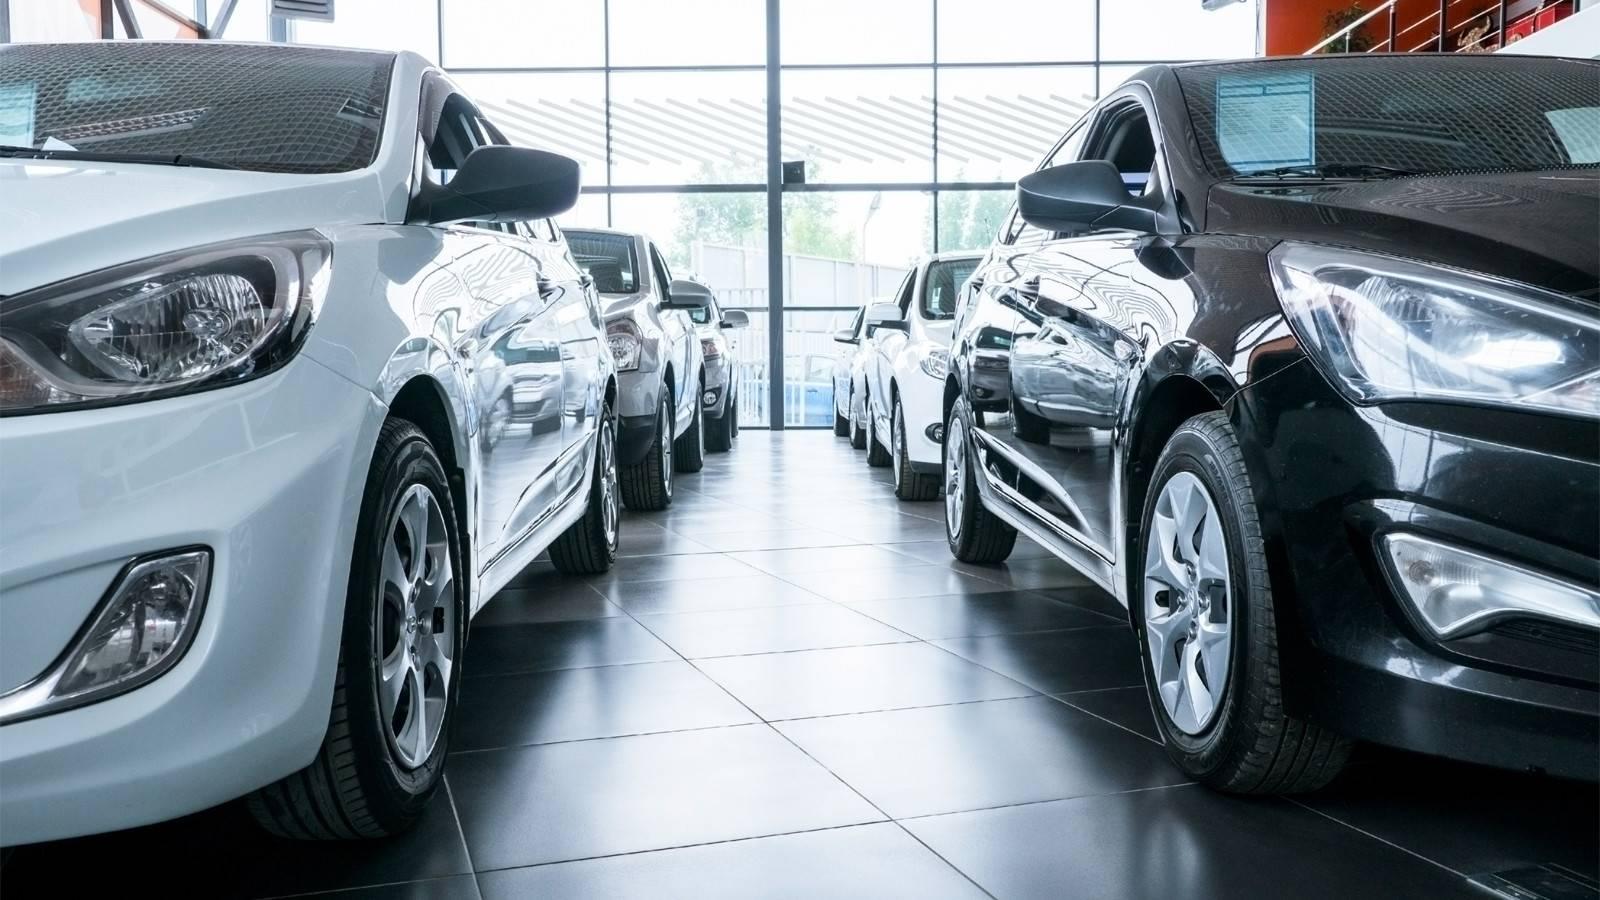 Растаможка электромобиля в россии в 2021 году - калькулятор расчета стоимости, документы и этапы, отмена таможенной пошлины, постановка tesla на учет в гибдд